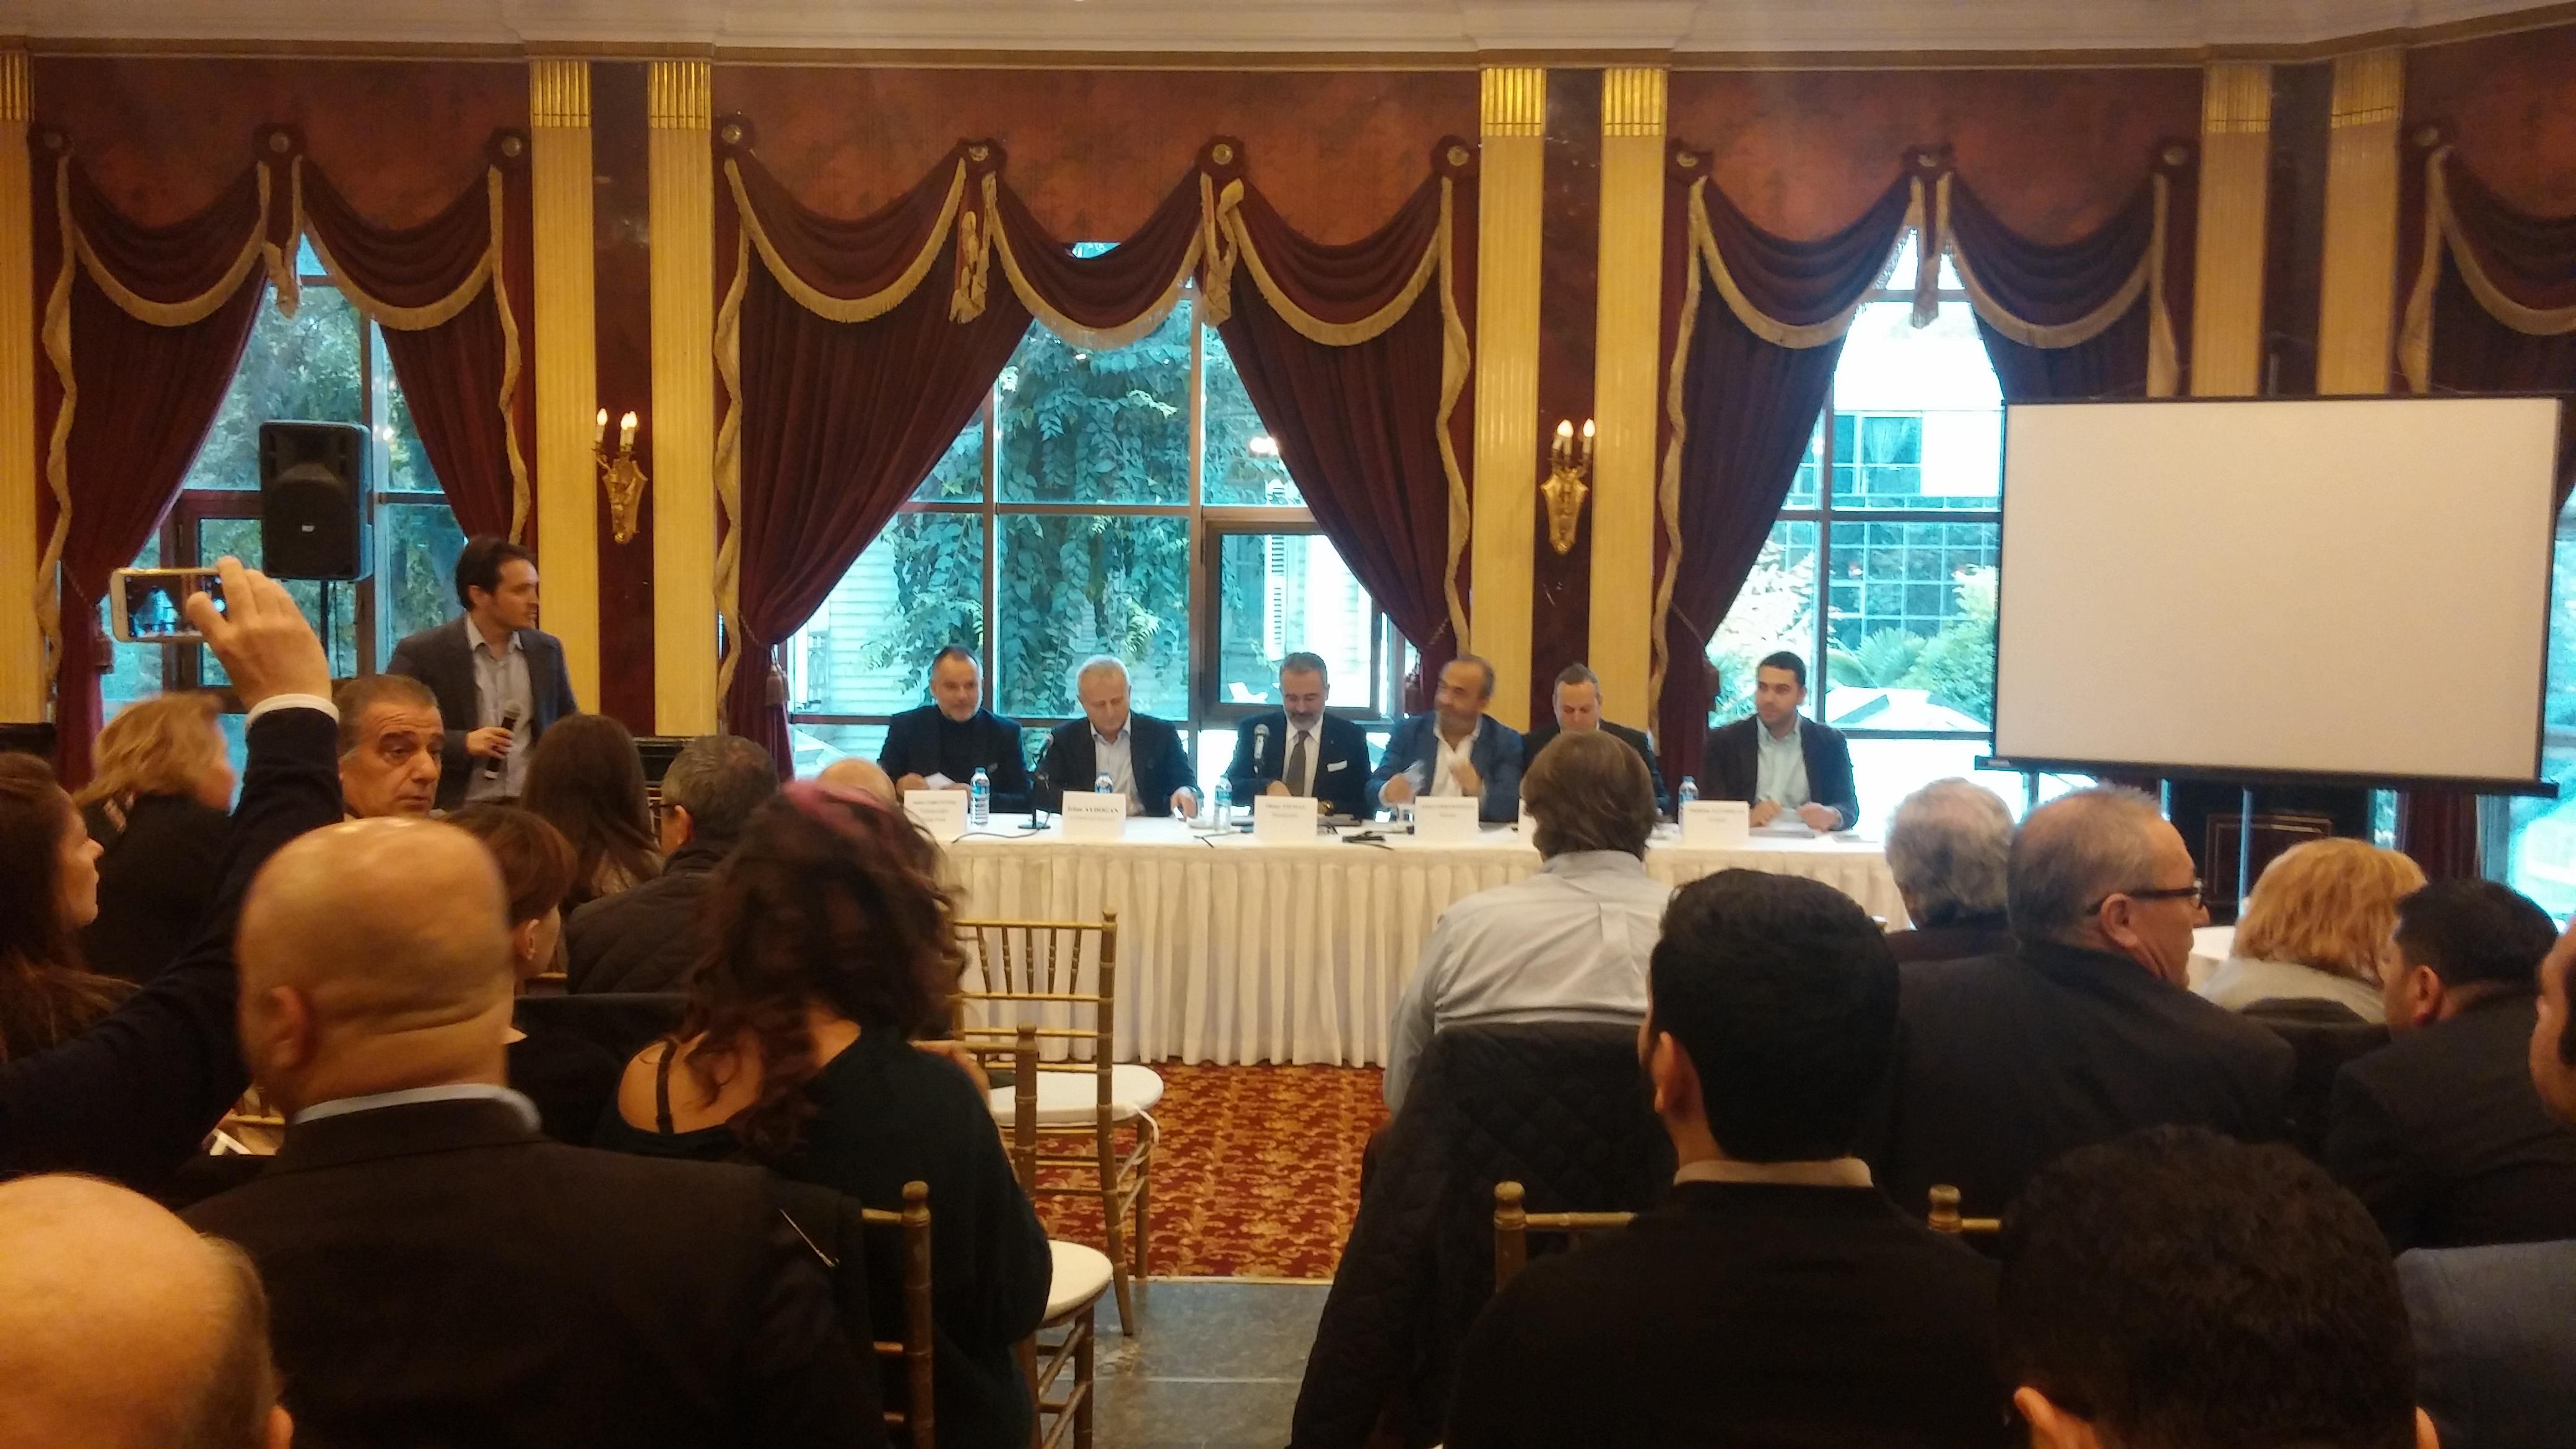 büyük kulüp genç girişimciler komitesi, kentsel dönüşümün neresindeyiz semineri (2)